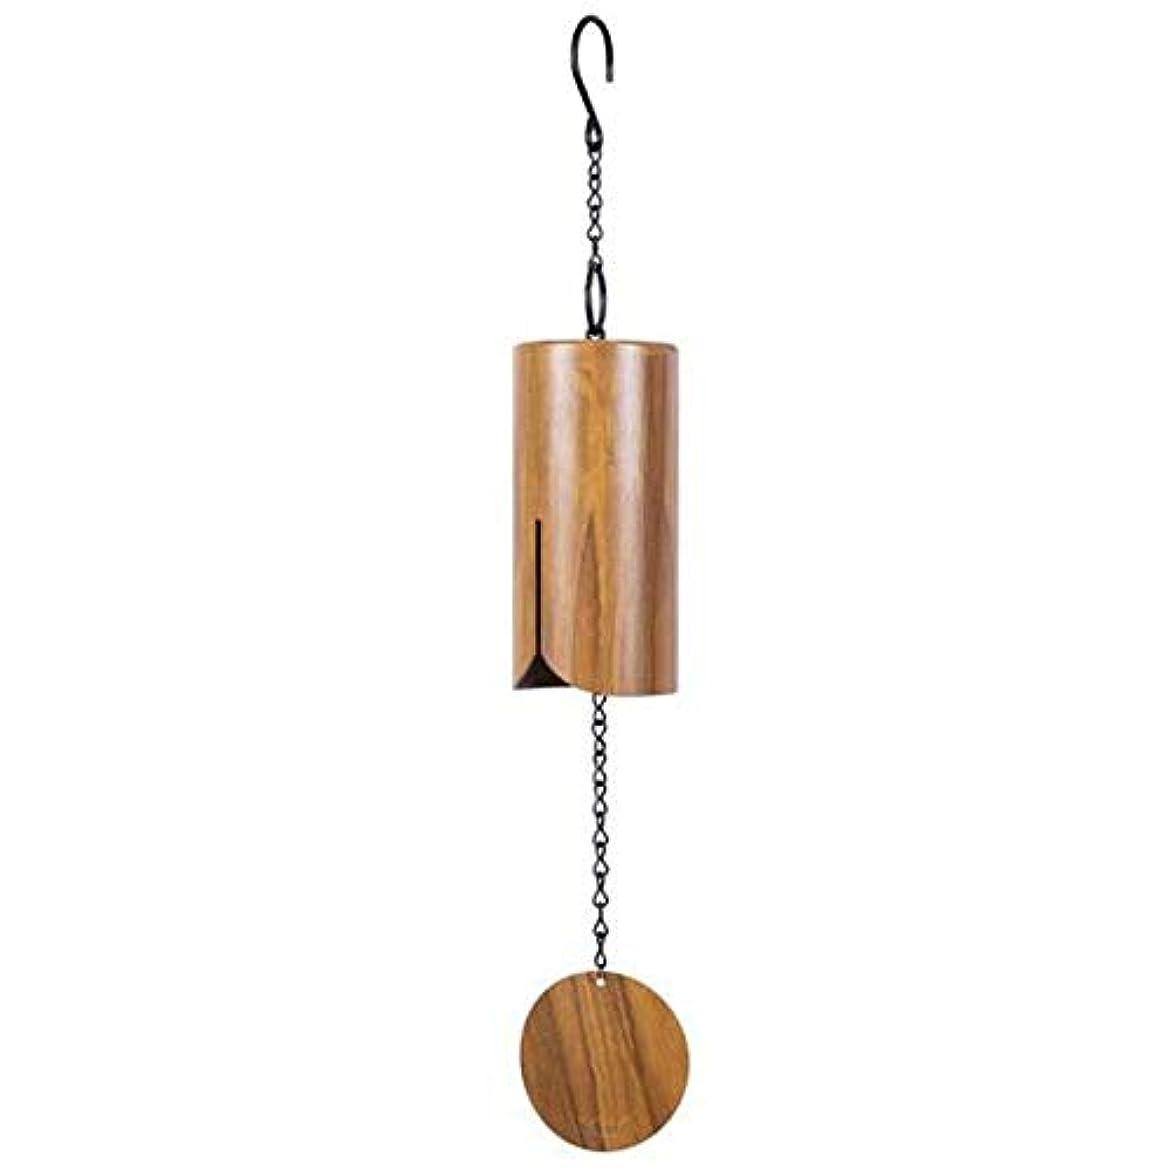 待って他の場所軽減するHongyushanghang 風チャイム、アイアンレトロクリエイティブ風の鐘、ブラック、全身について76センチメートル,、ジュエリークリエイティブホリデーギフトを掛ける (Color : Brown)